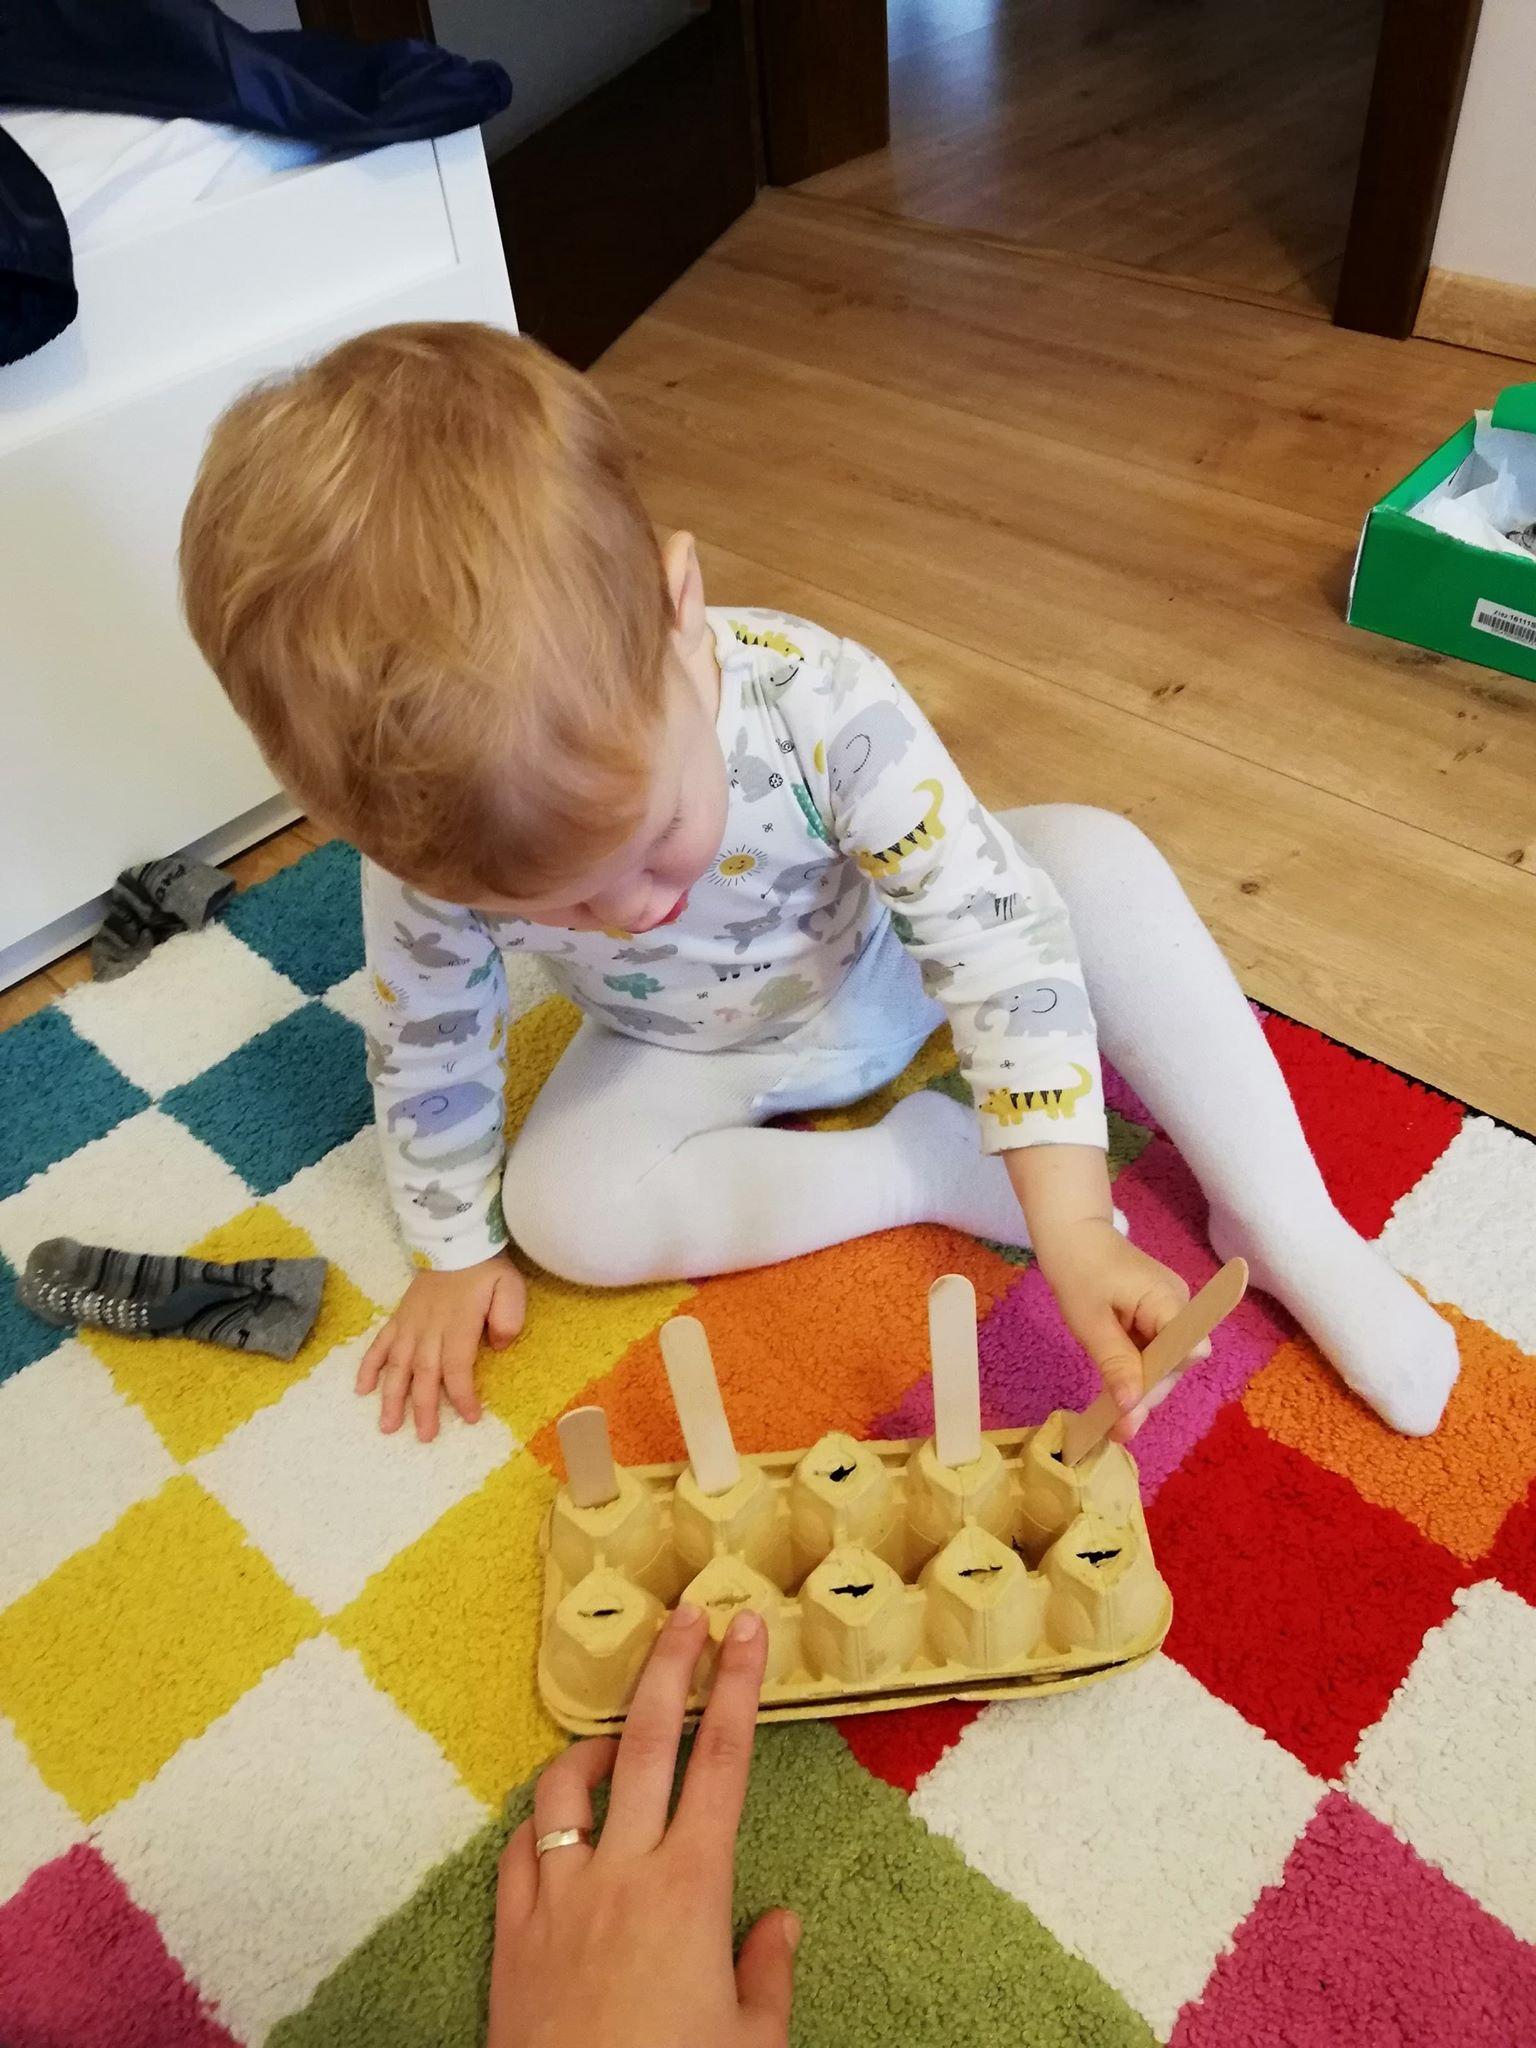 activitate-pentru-copii-de-un-an-in-interior-cofrag-de-oua